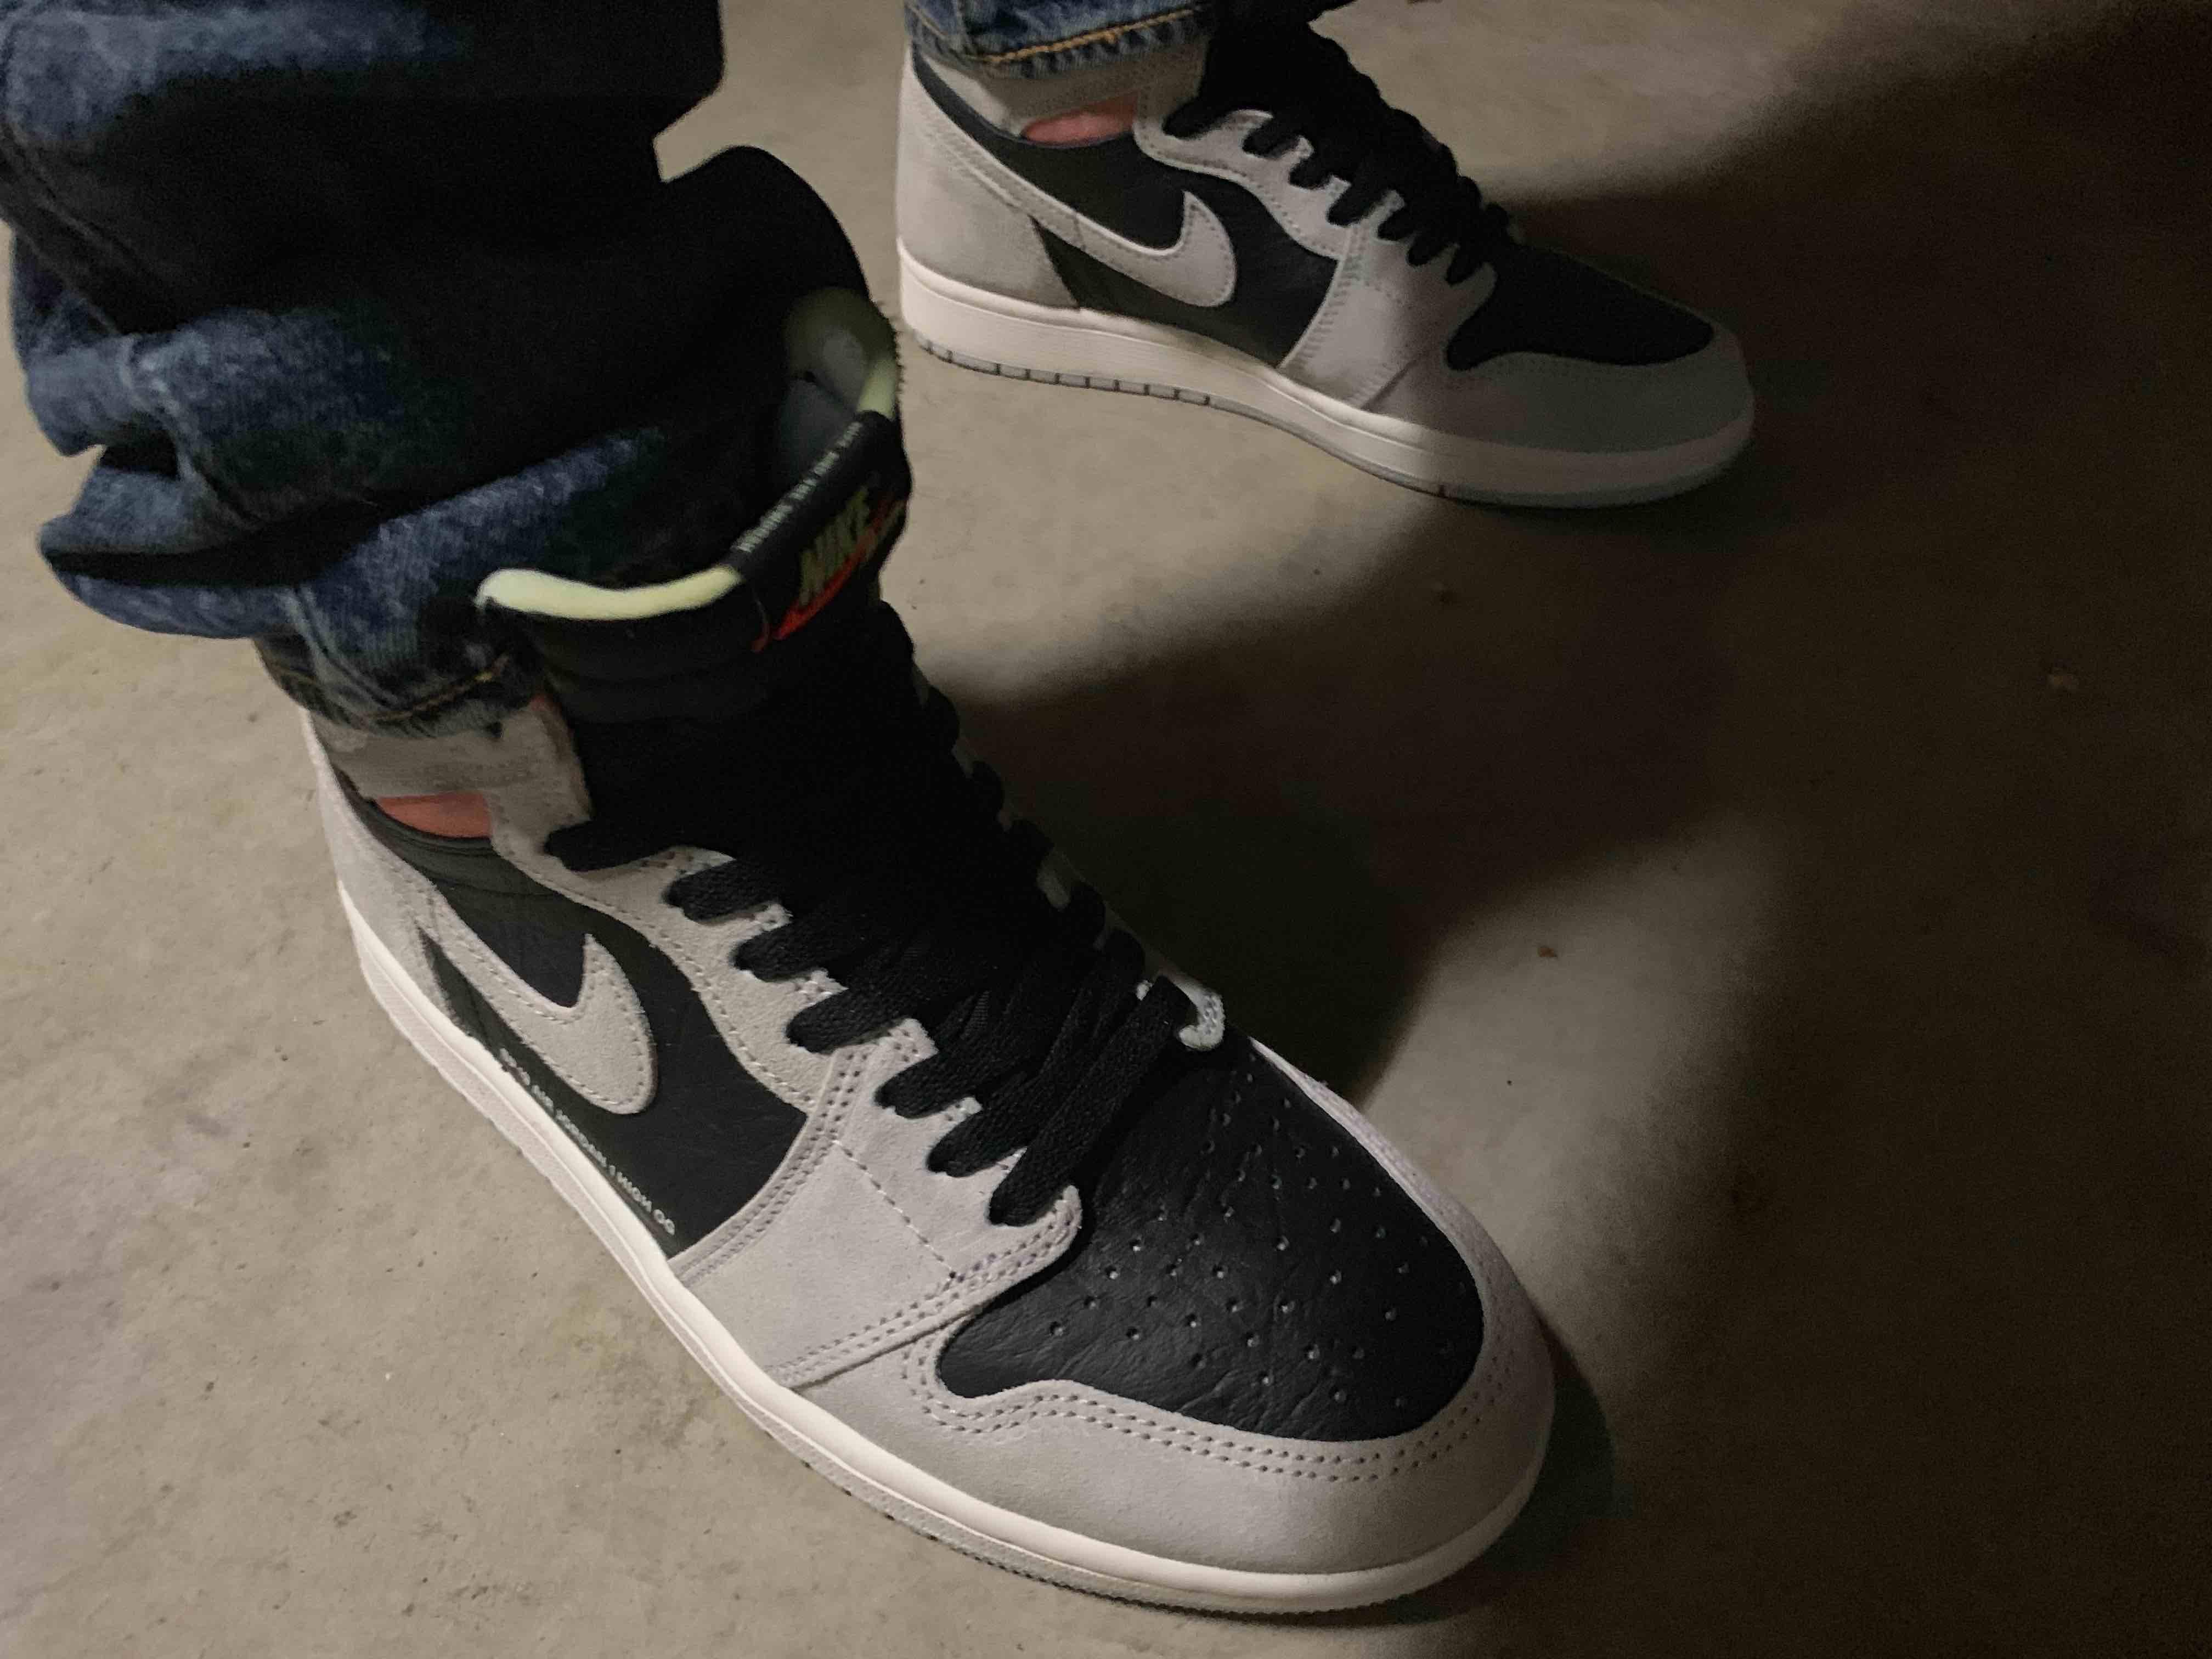 靴紐を黒にしようかオレンジにしようか左右別の色にしようか悩みどころ🤔